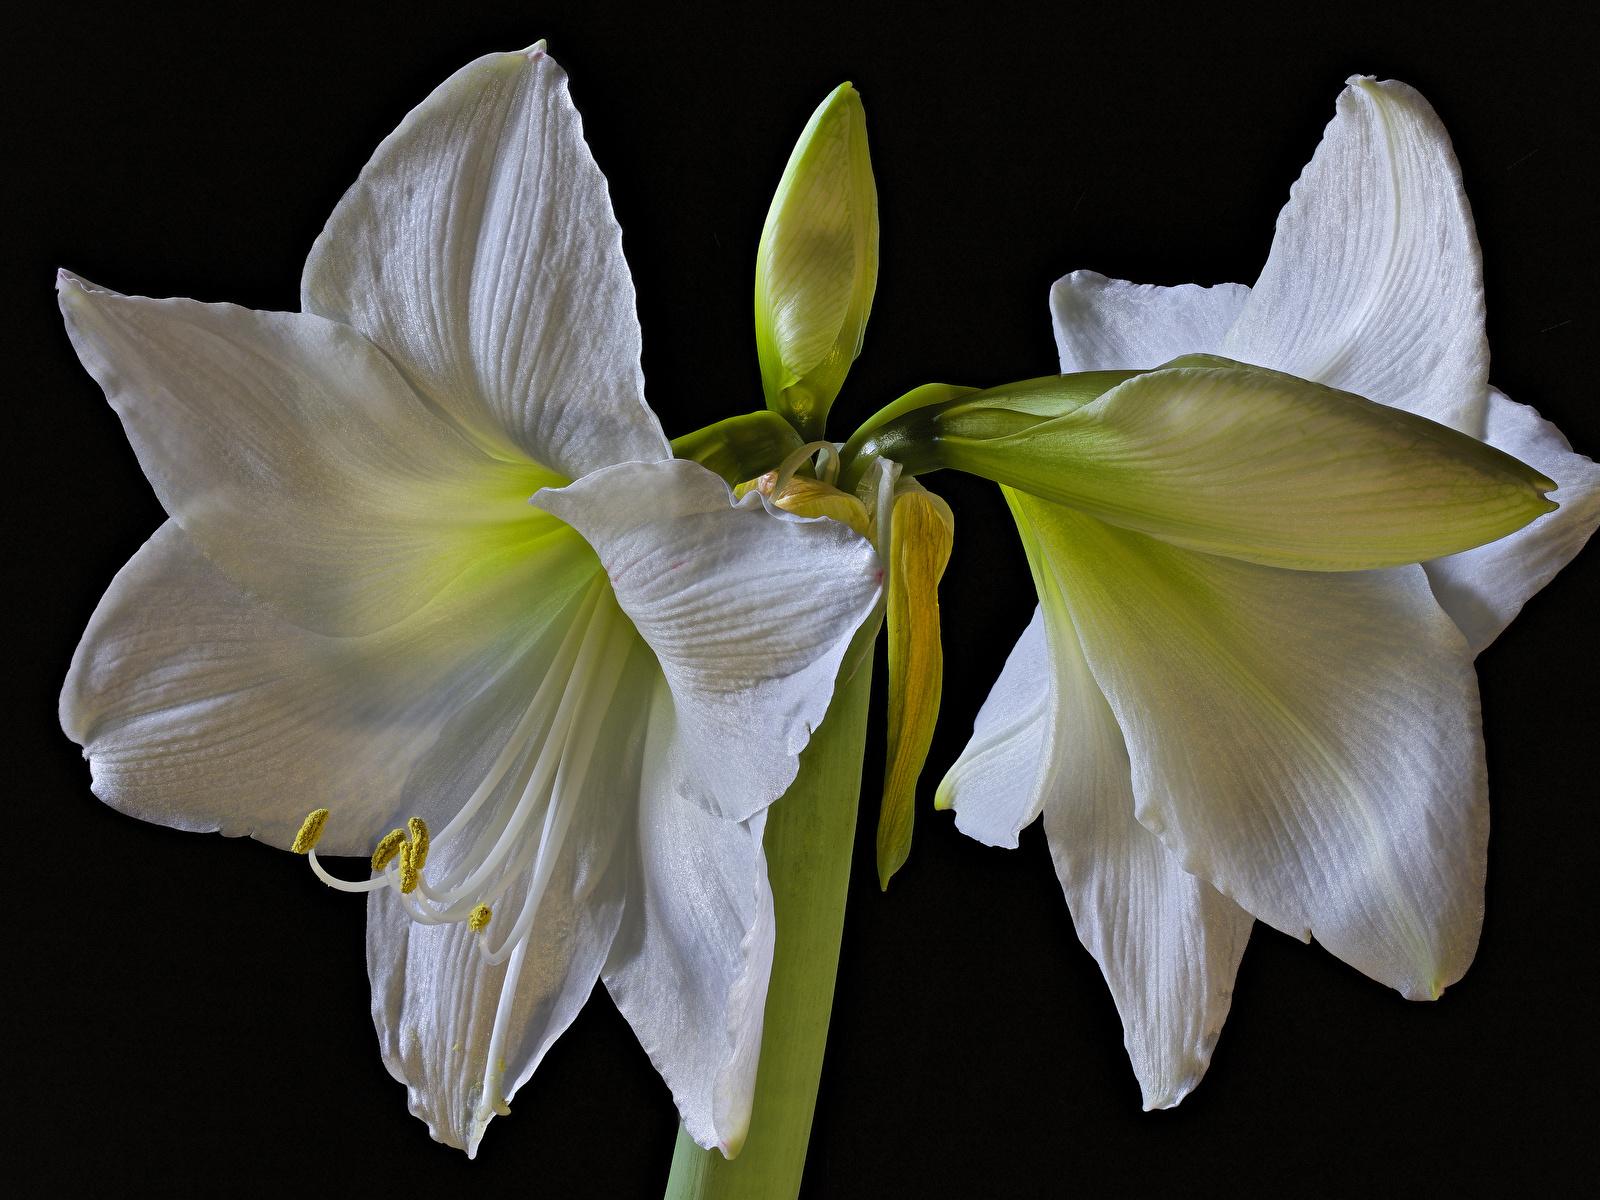 Картинки белые Цветы Амариллис Бутон Черный фон Крупным планом 1600x1200 белых Белый белая цветок вблизи на черном фоне